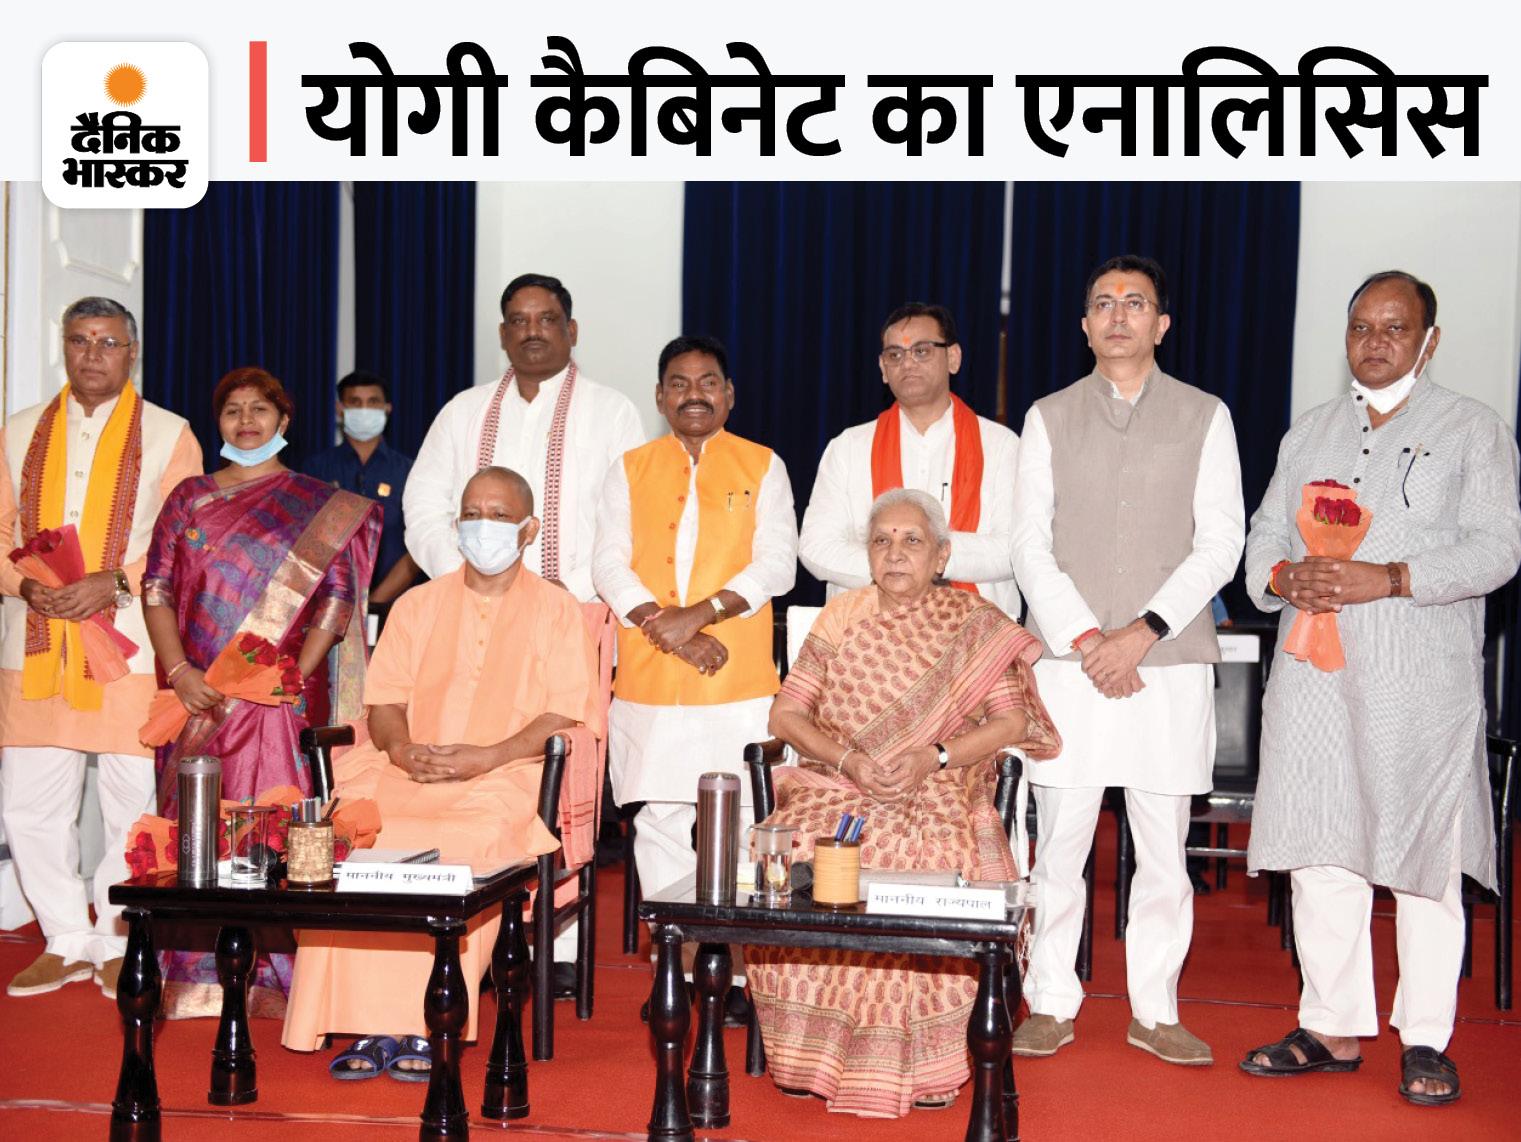 9वीं पास दिनेश बने मंत्री, जितिन के पास 3 करोड़ से ज्यादाकी संपत्ति; अब कैबिनेट में 45% मंत्री क्रिमिनल रिकॉर्ड वाले लखनऊ,Lucknow - Dainik Bhaskar